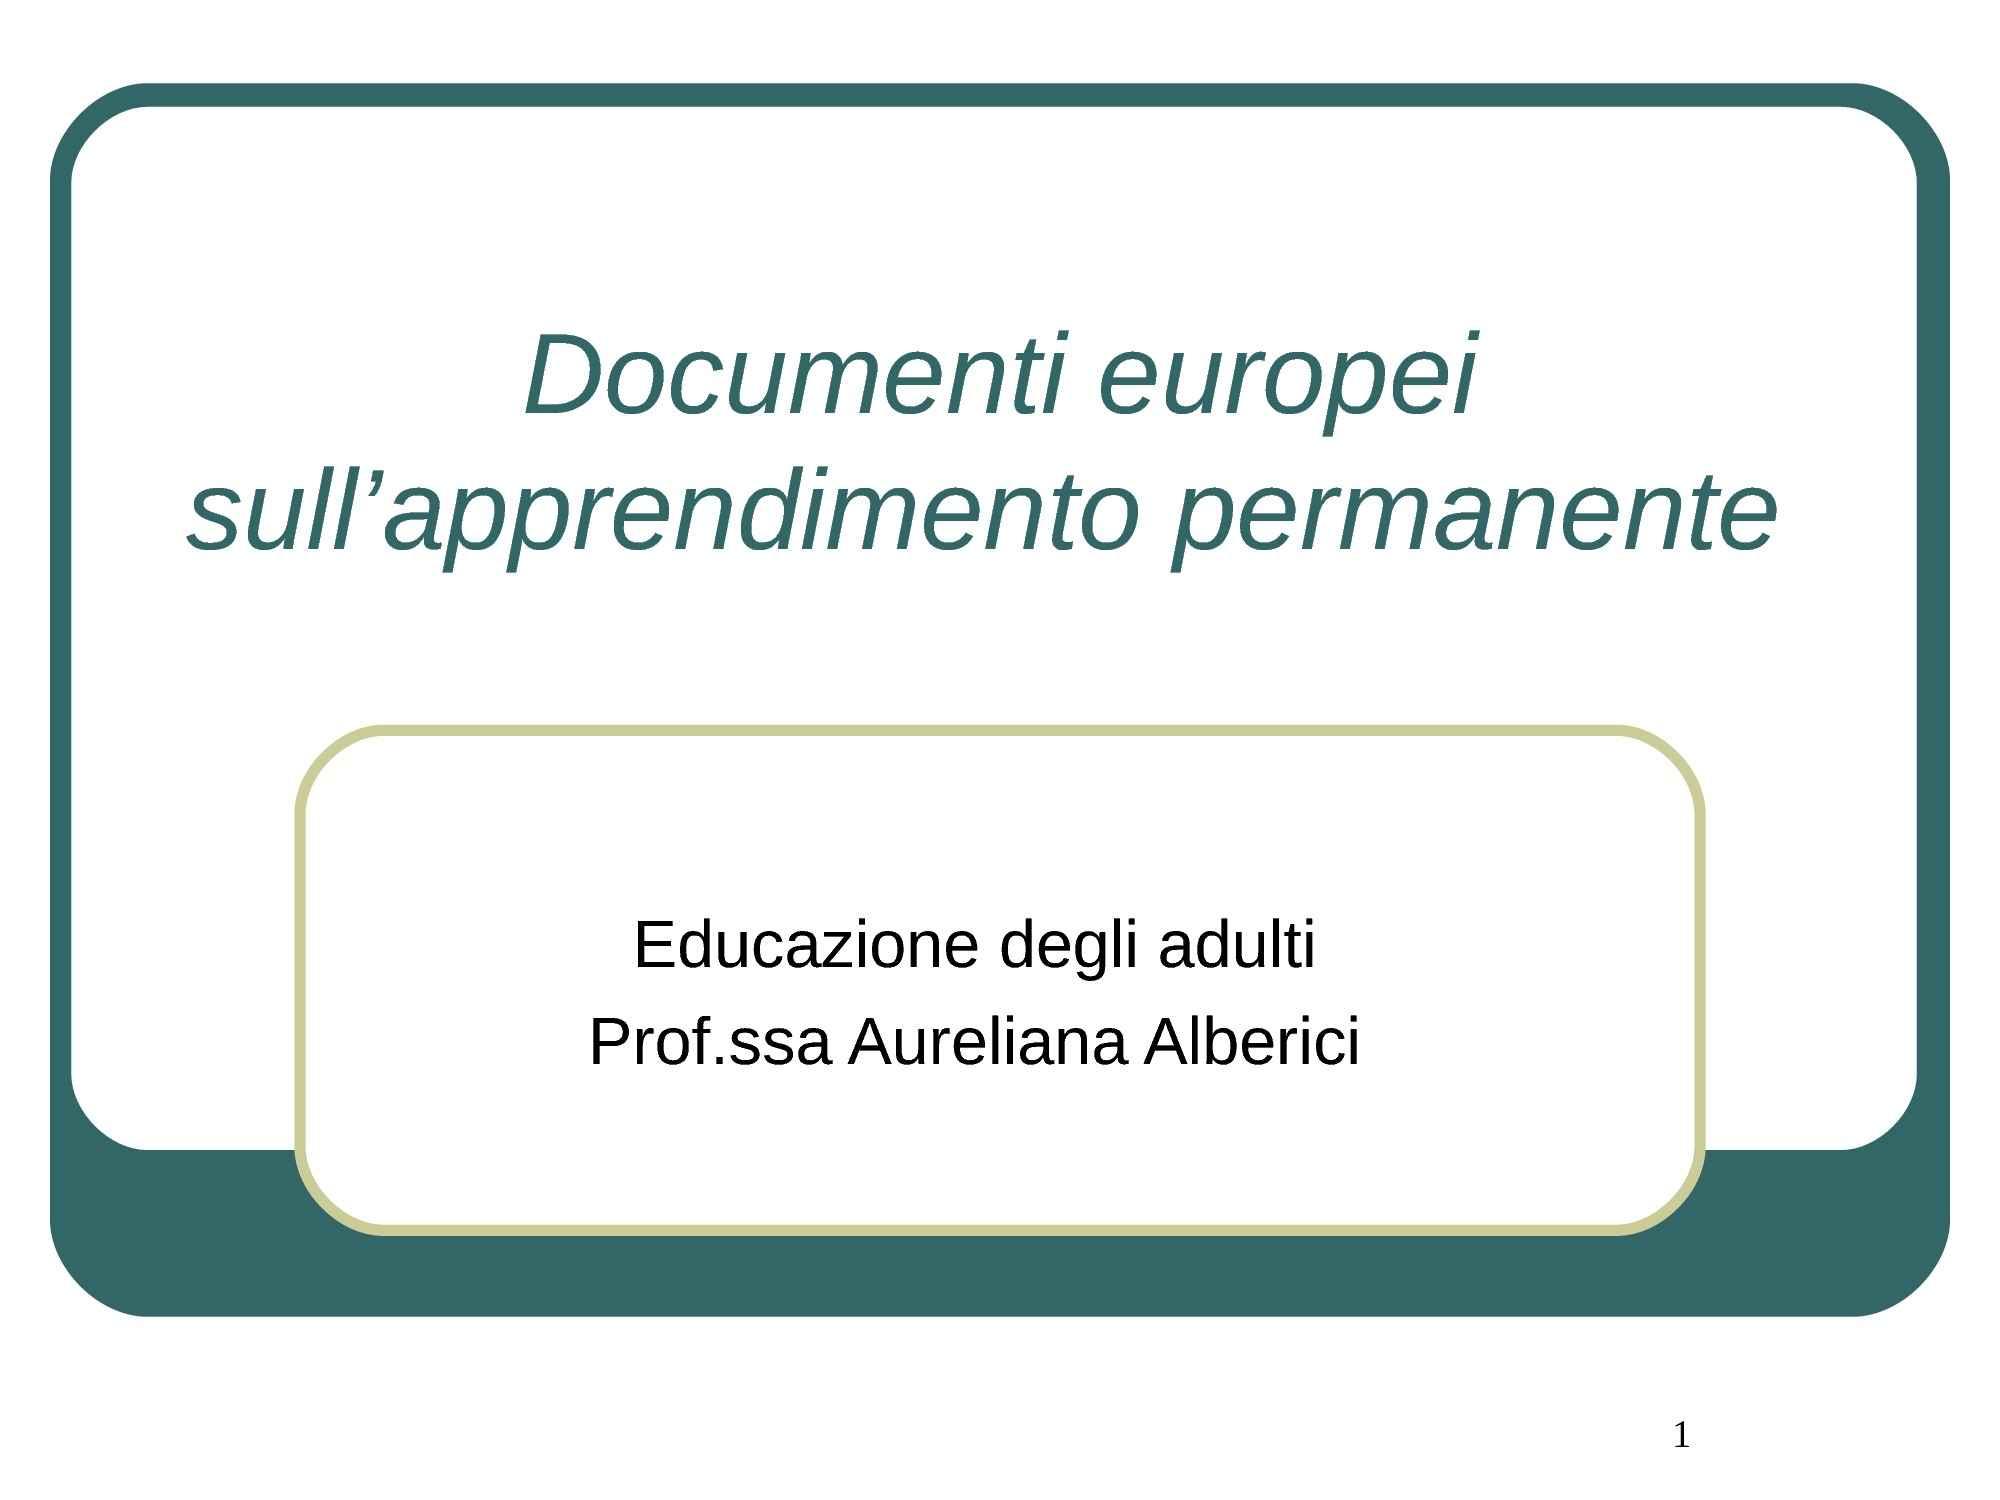 Educare gli adulti - Azione europea